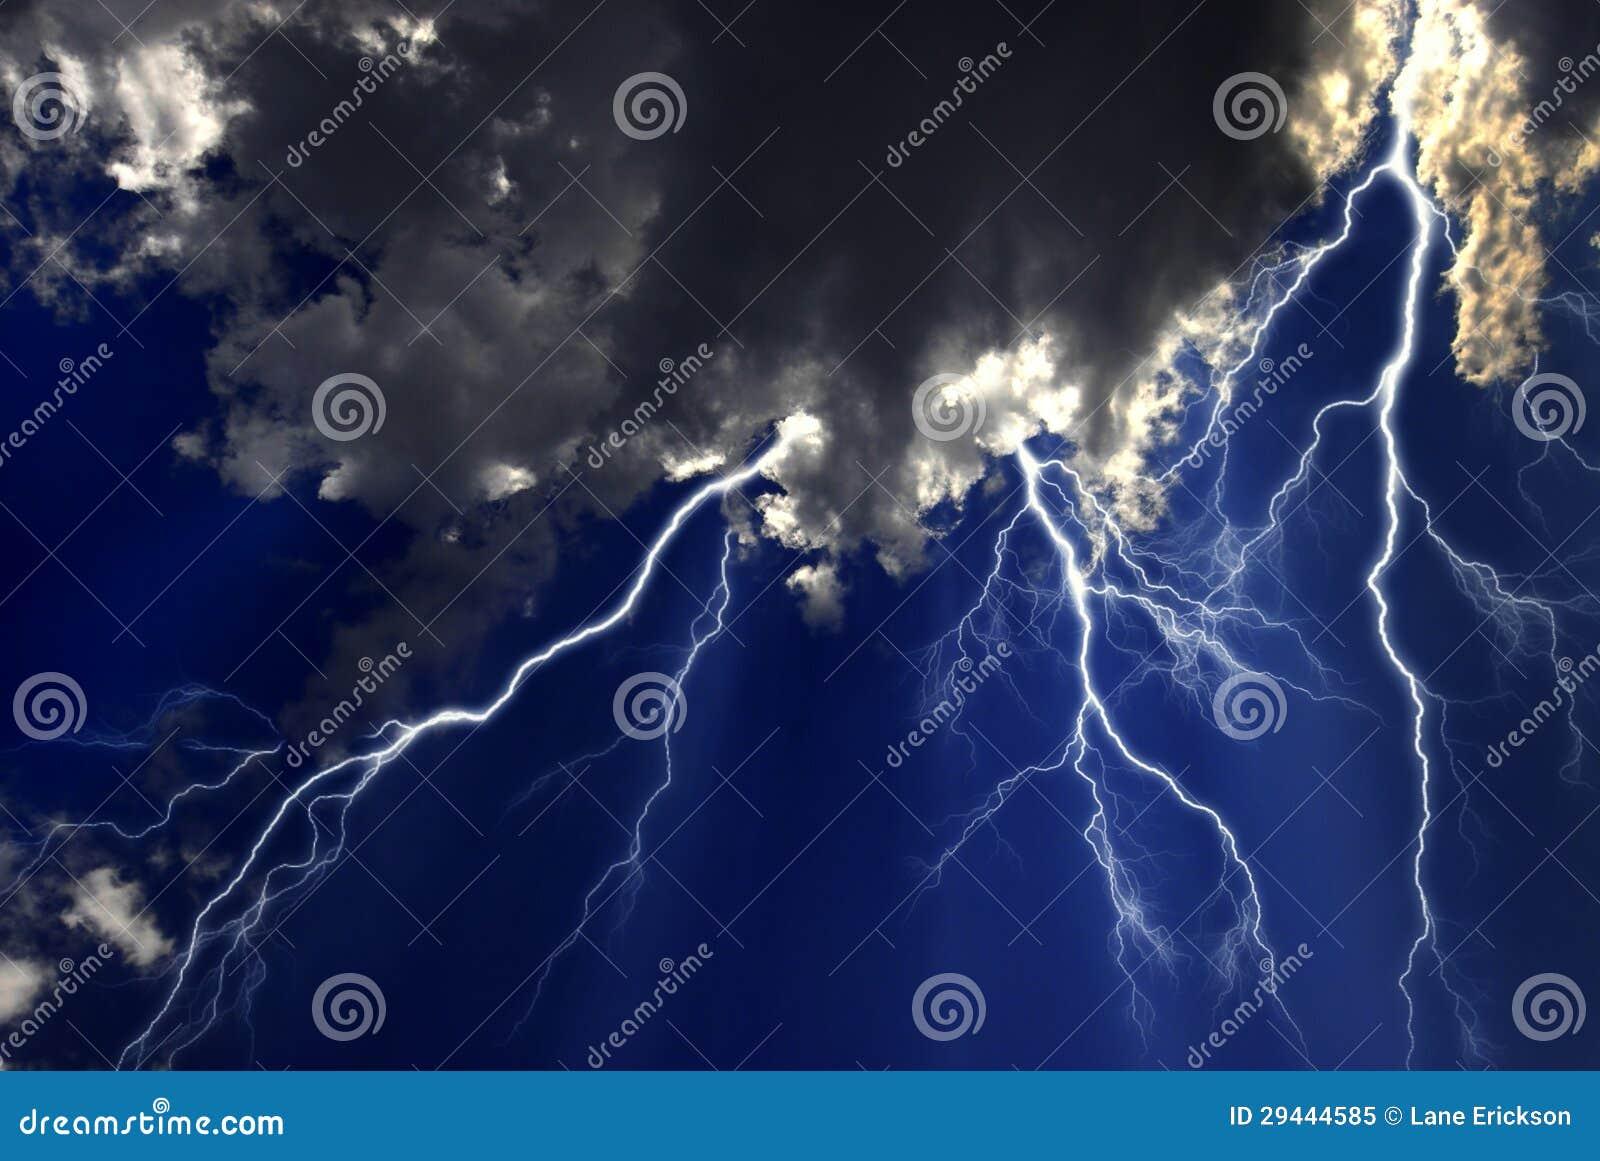 Błyskawicowa burza